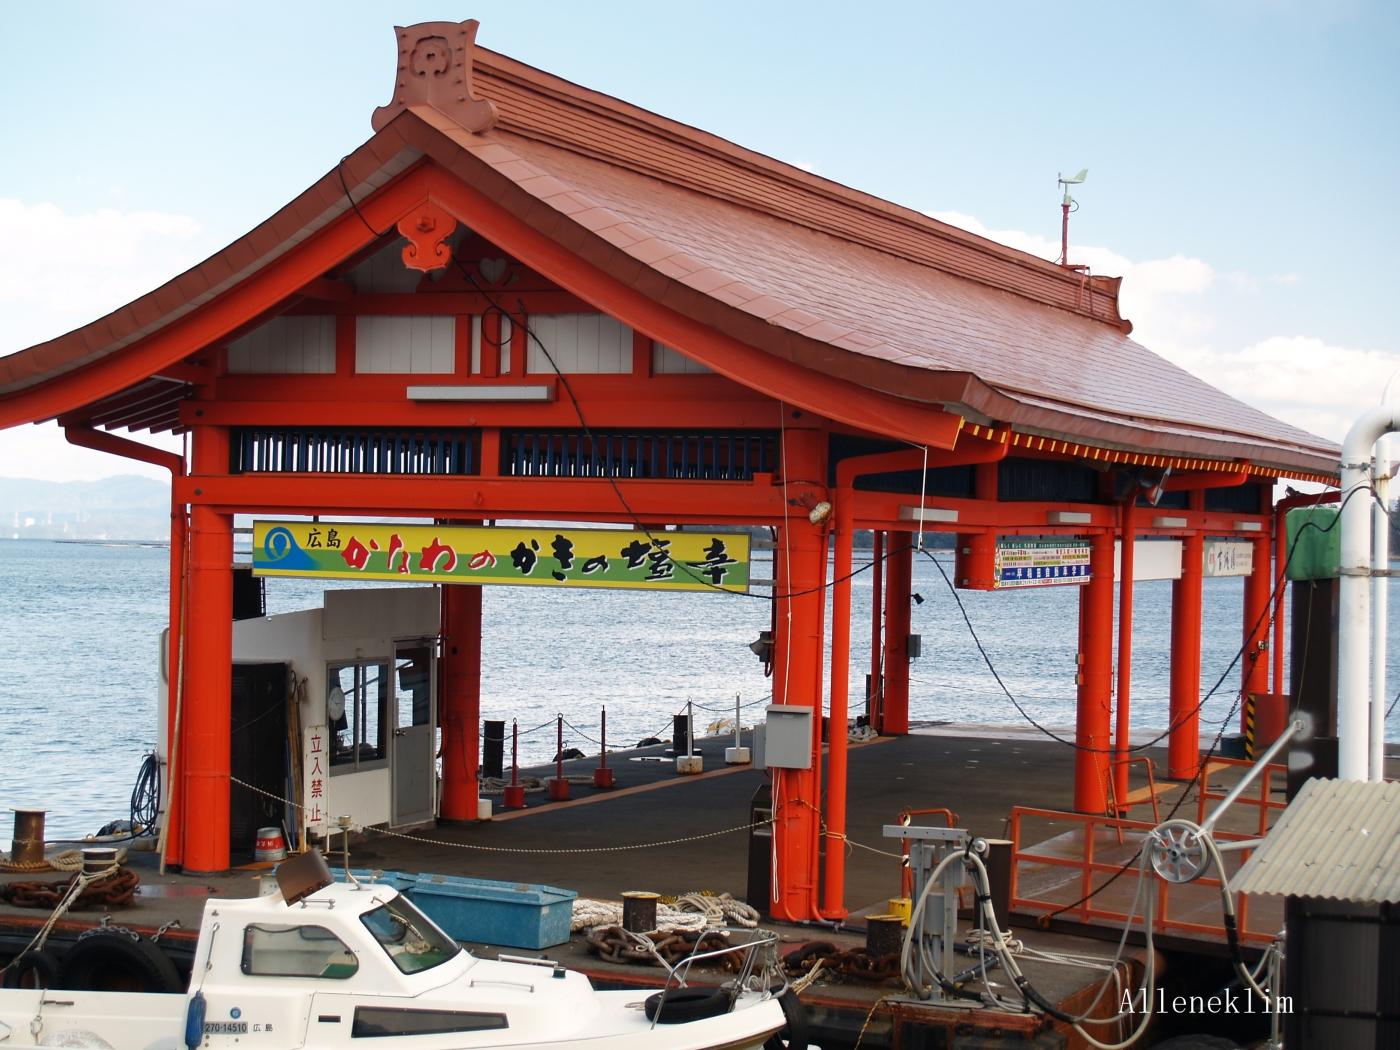 Alleneklim - 日本之宫島_图1-3